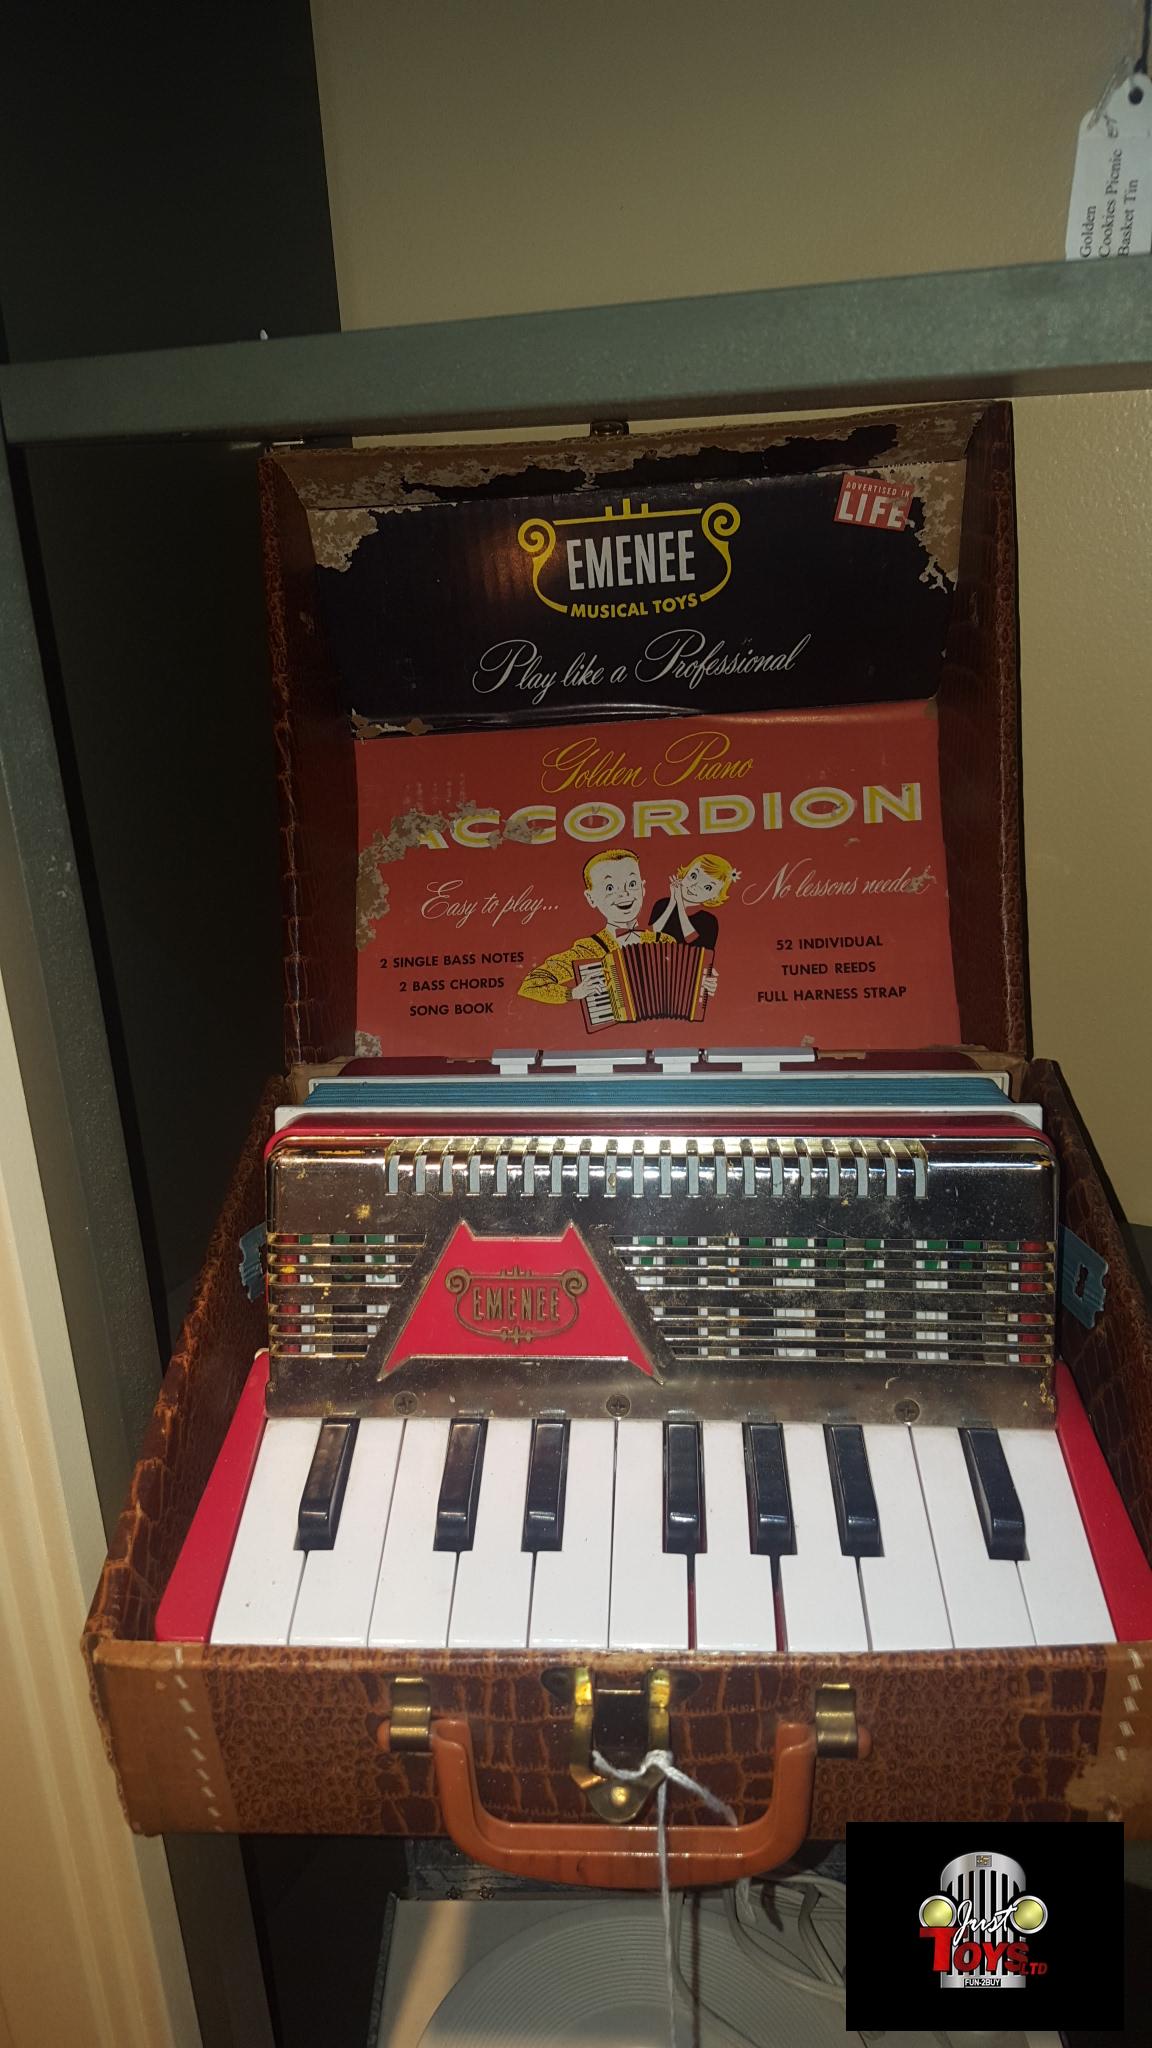 Emenee Golden Piano Accordian